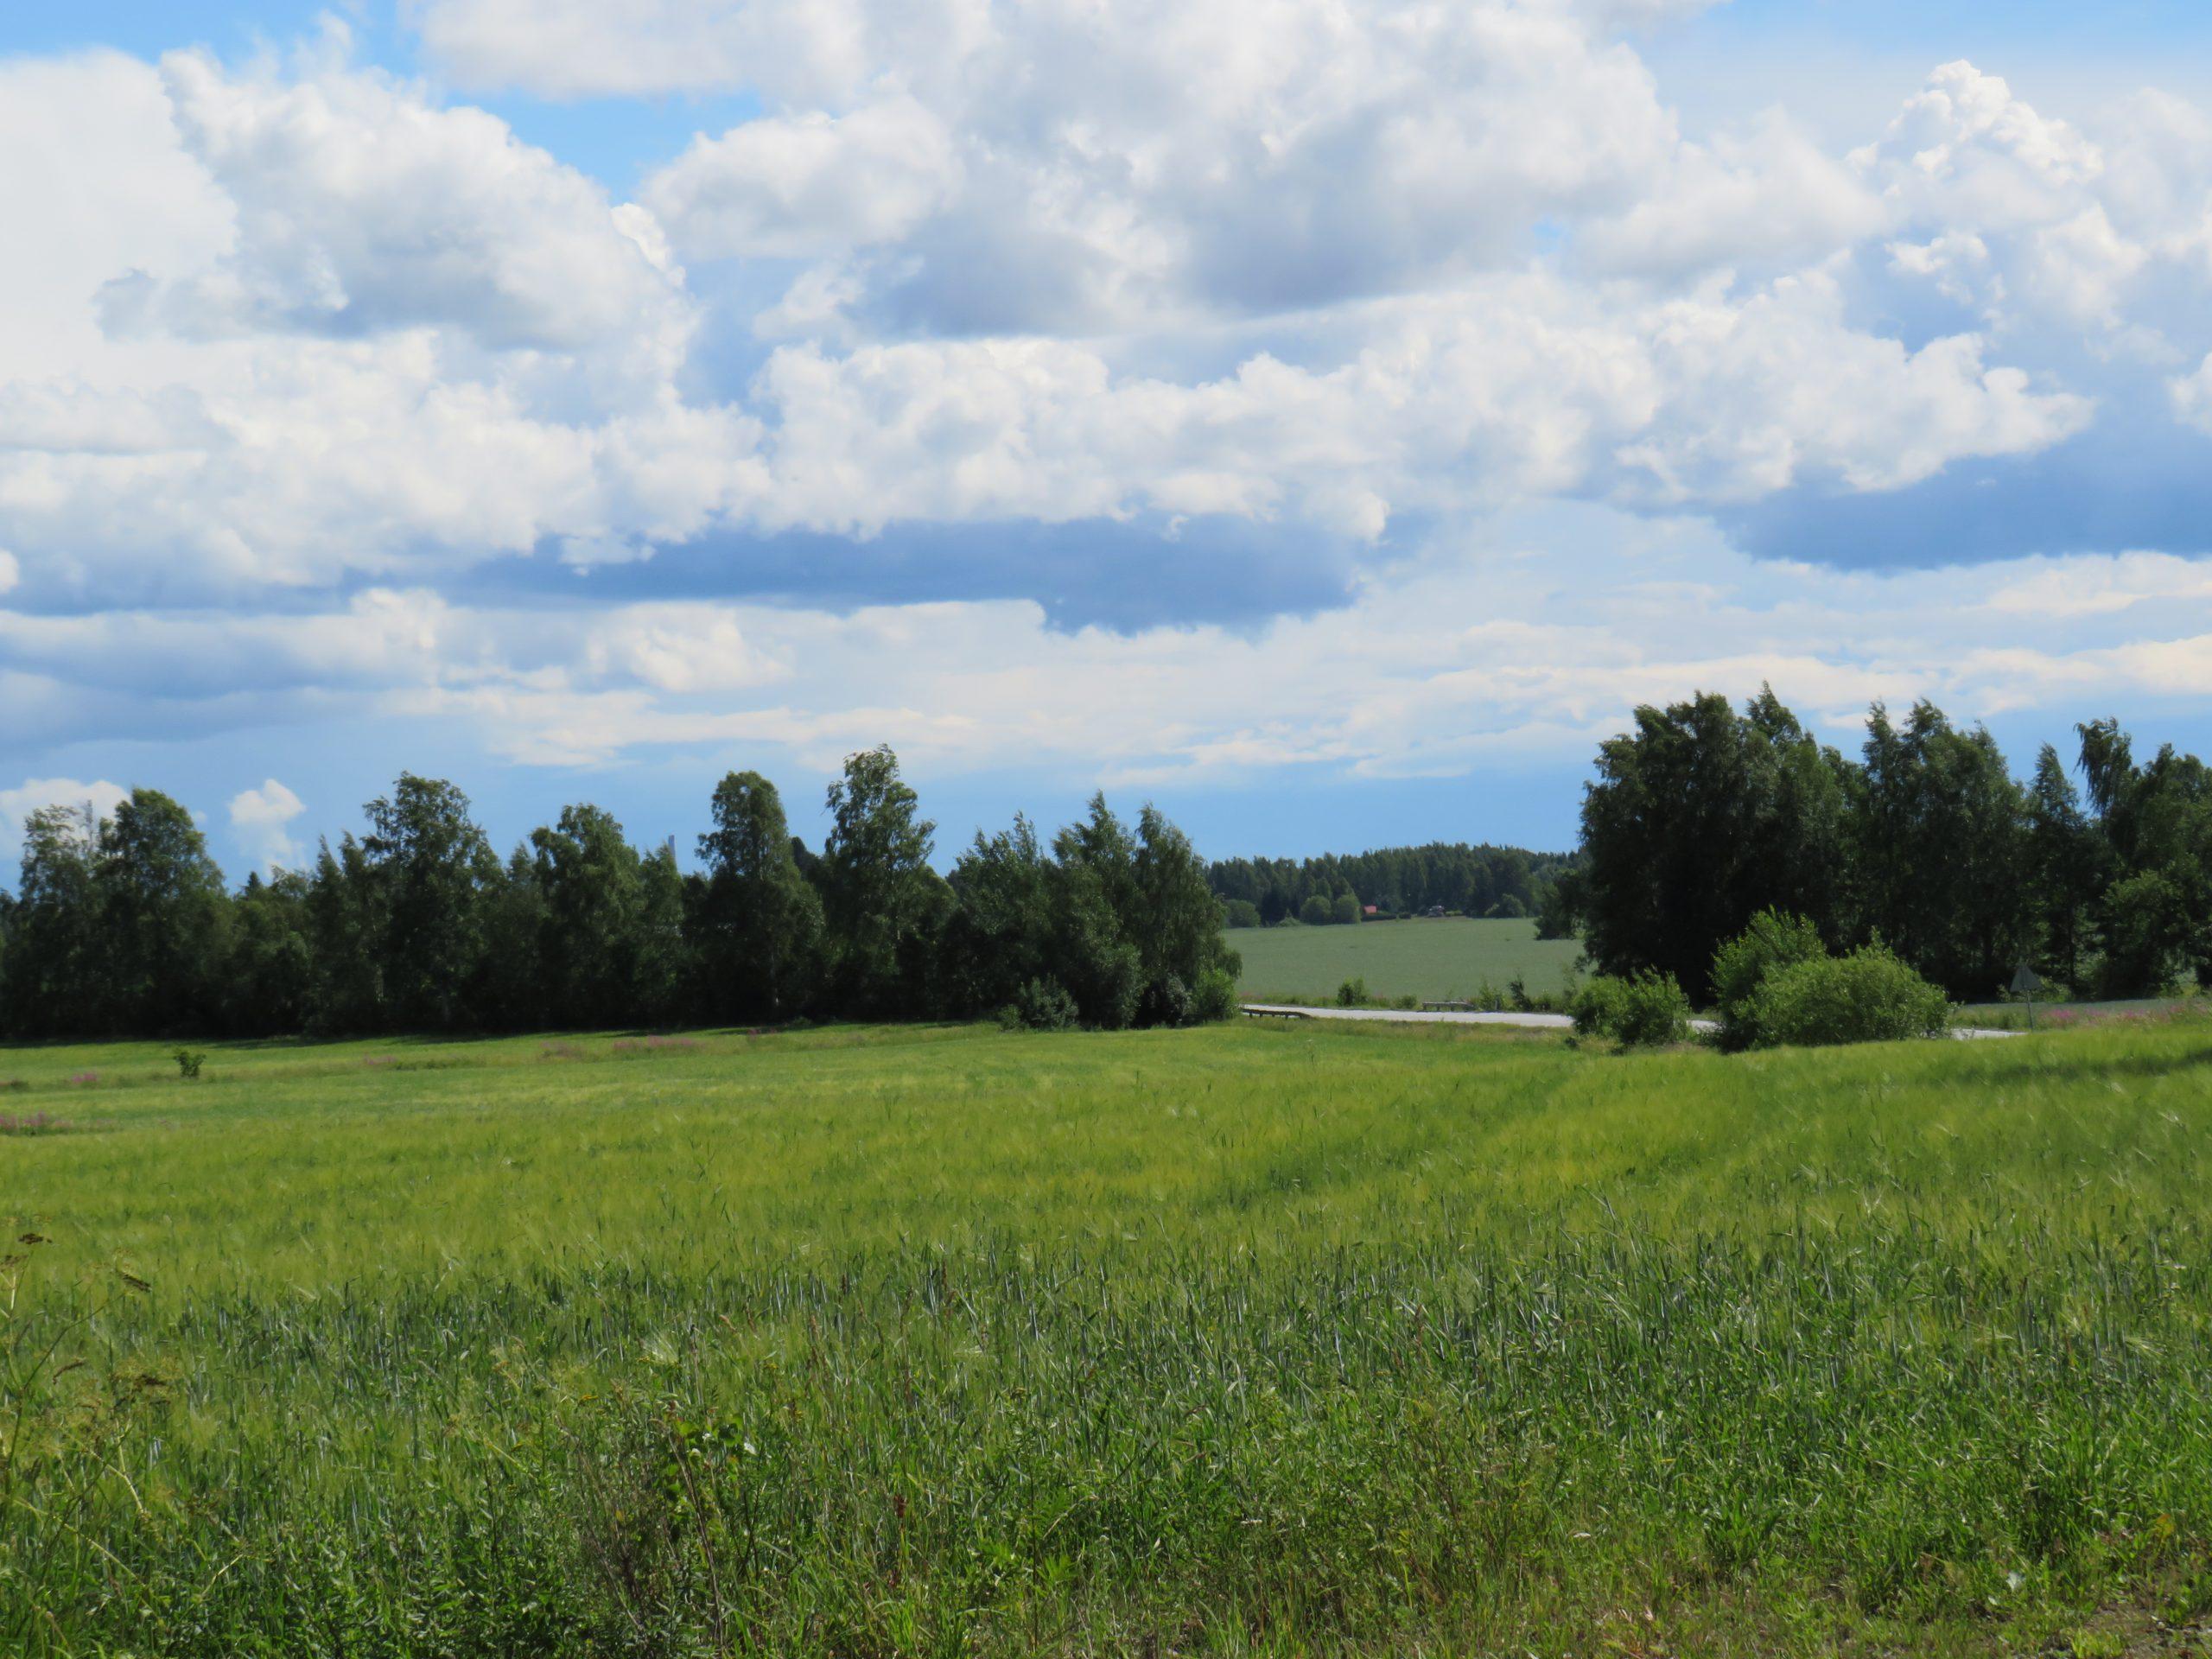 Vihreää peltomaisemaa, jossa oikealla takana näkyy tie ja keskellä kuvaa puita rivissä. Taivas pilvinen.